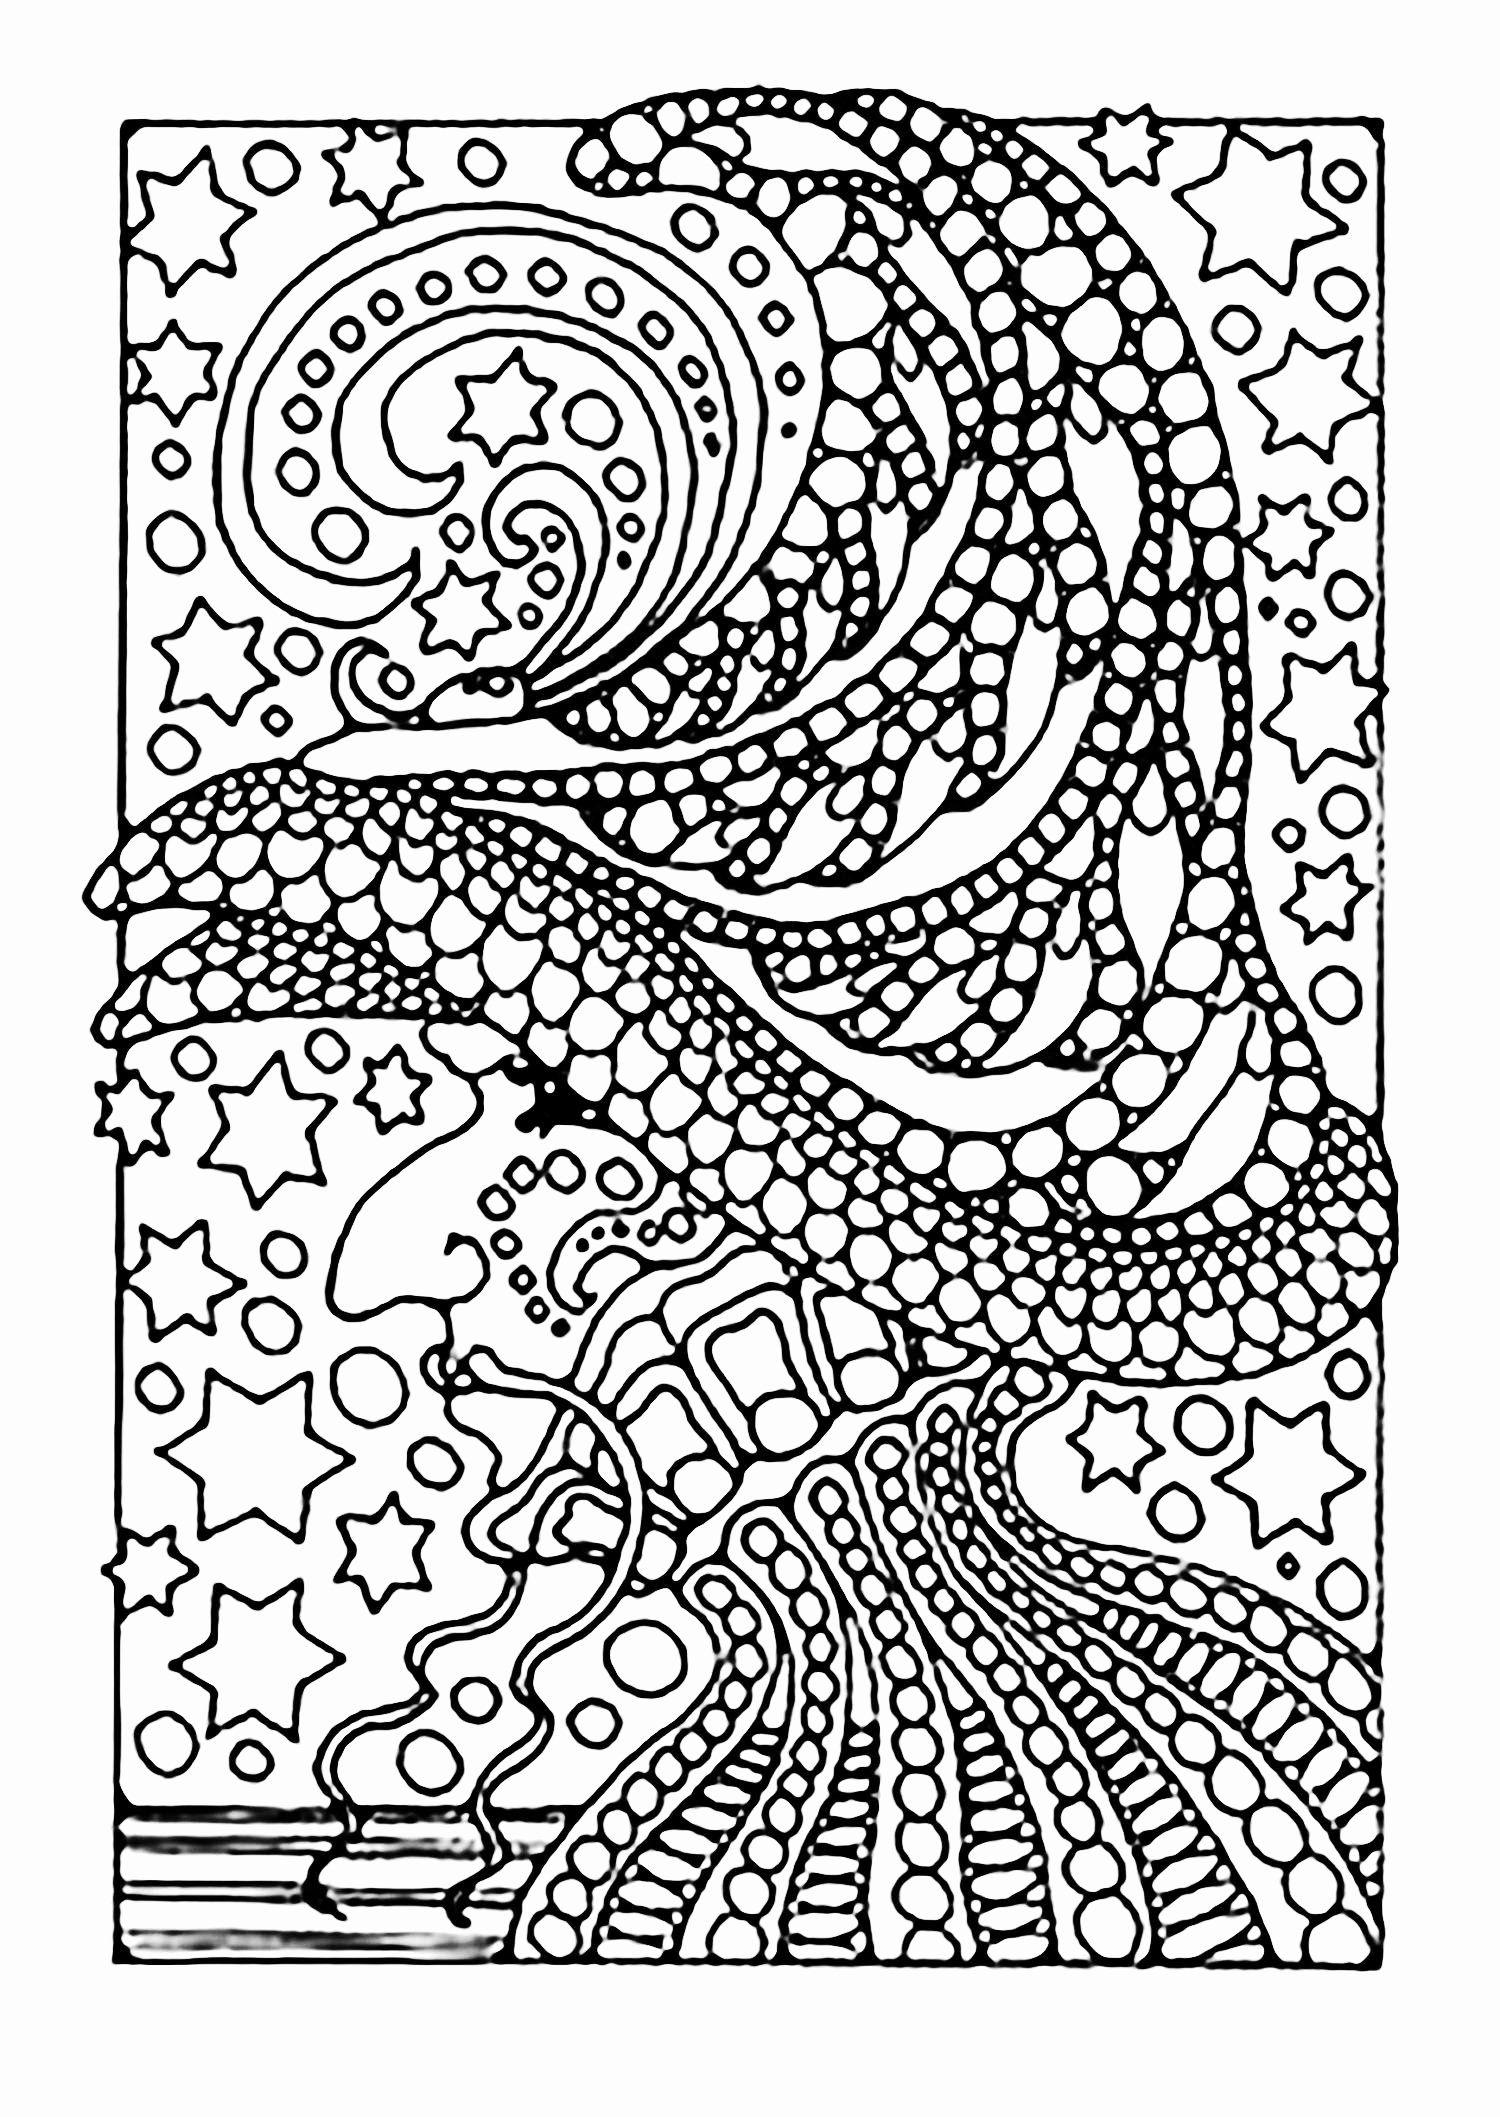 Toys Coloring Sheet Best Of Crayola Free Coloring Pages Halaman Mewarnai Bunga Buku Mewarnai Halaman Mewarnai [ 2117 x 1500 Pixel ]